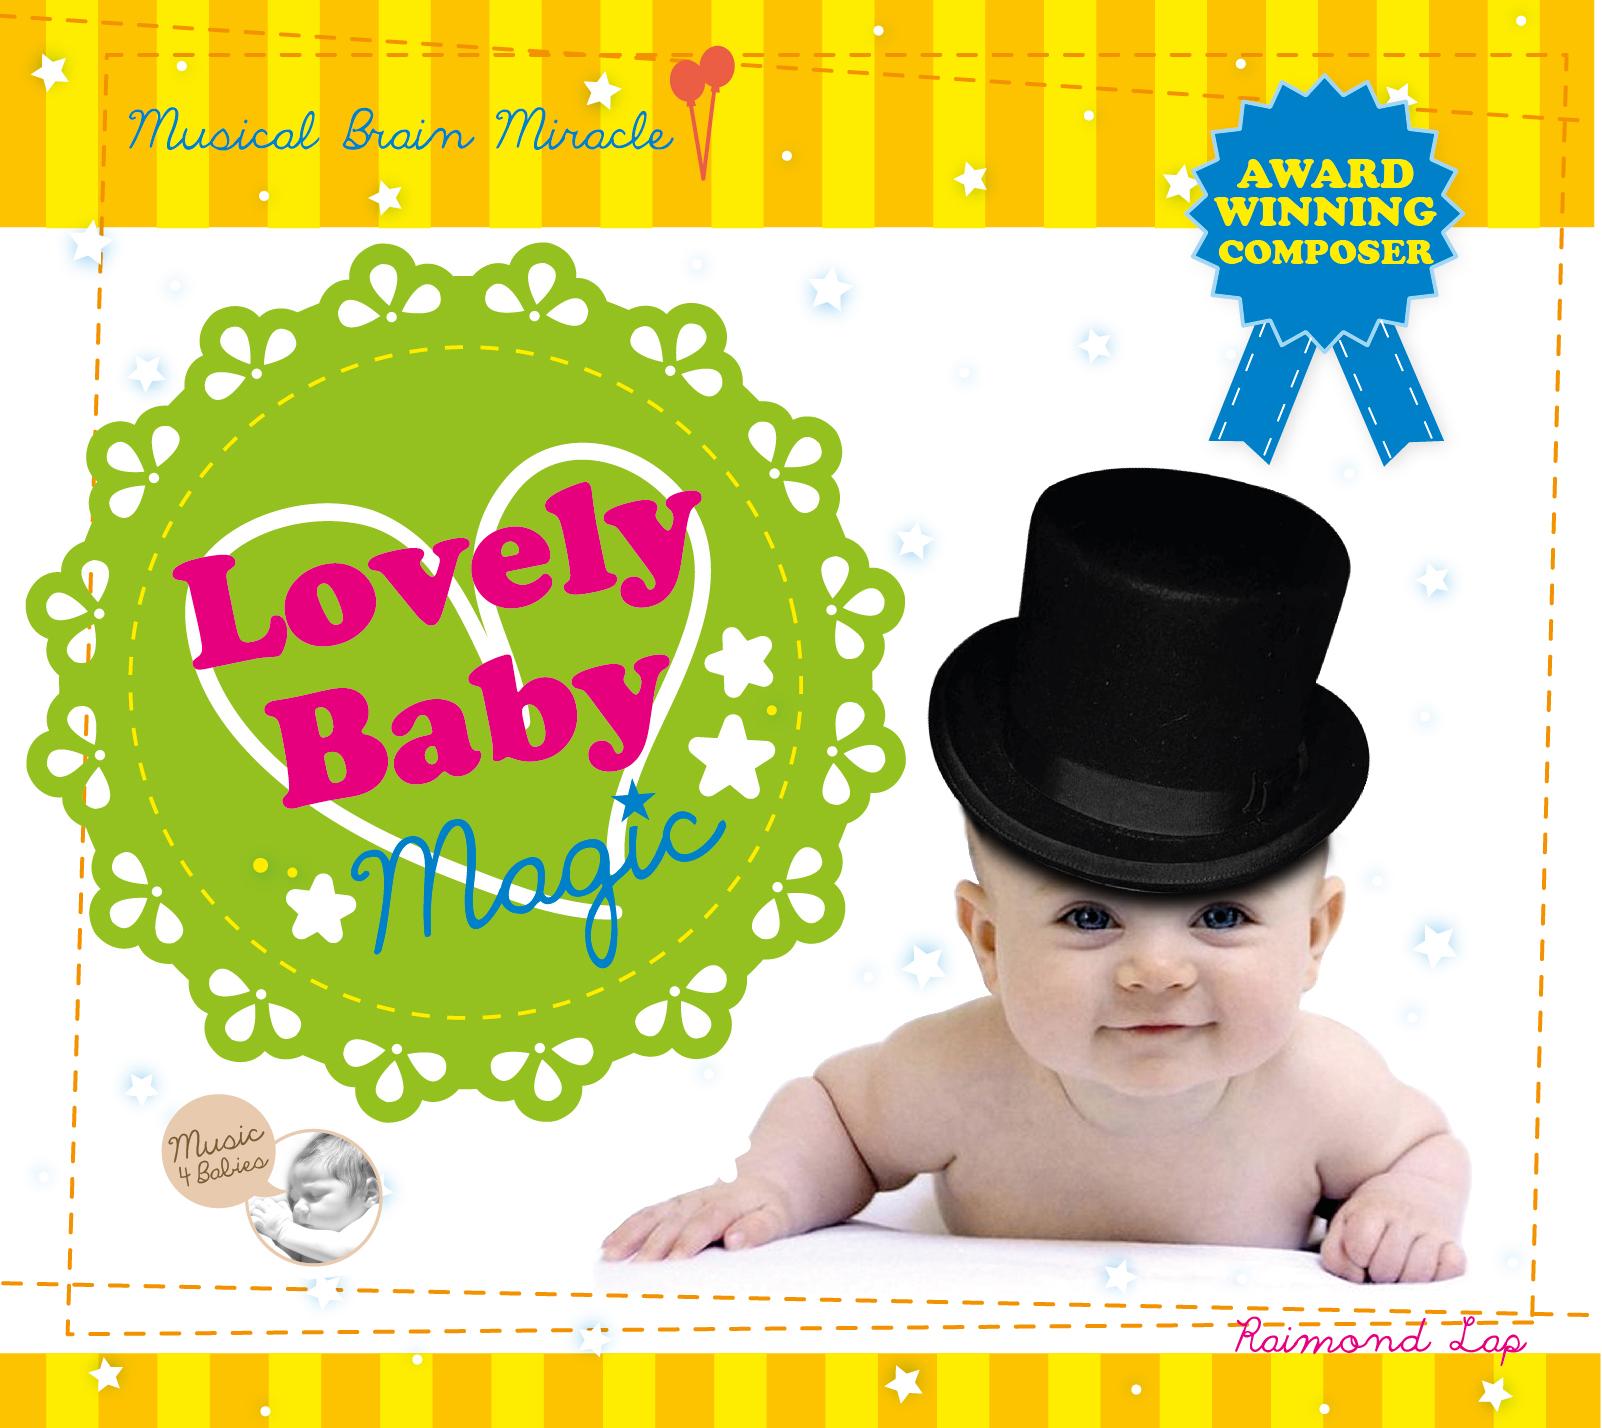 CD Set เพลงคลาสสิค ซีดีเพลงเด็ก Lovely Baby Magic เวทมนต์แห่งเสียงดนตรี ช่วยส่งเสริมพัฒนาการทักษะด้านภาษาและพฤติกรรมทางสังคม